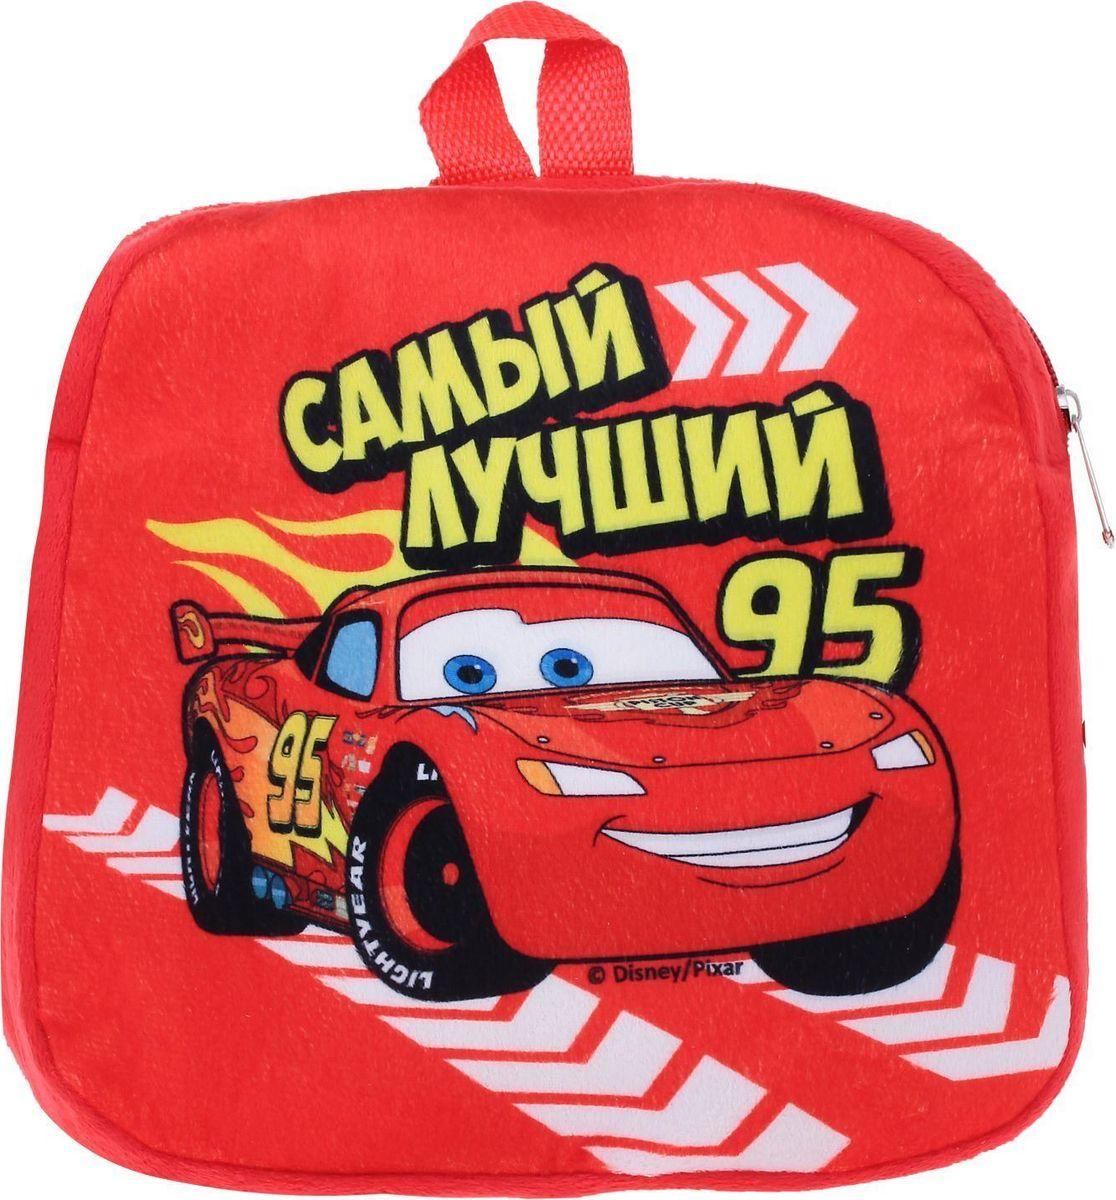 Disney Рюкзак дошкольный Тачки Самый лучший1745530Дети обожают брать с собой игрушки. Для этого отлично подойдет небольшой, но вместительный рюкзачок Disney!Это не просто рюкзак, но и безумно приятная на ощупь игрушка! Изделие изготовлено из качественного мягкого плюша. Молния надежно сохранит все вещи внутри, а регулируемые ремешки сделают время, проведенное с любимым героем, еще комфортнее! Сверху имеется удобная ручка для переноски рюкзака в руке.Шильдик с незаполненным полем, который прилагается к изделию, вы можете использовать как мини-открытку.